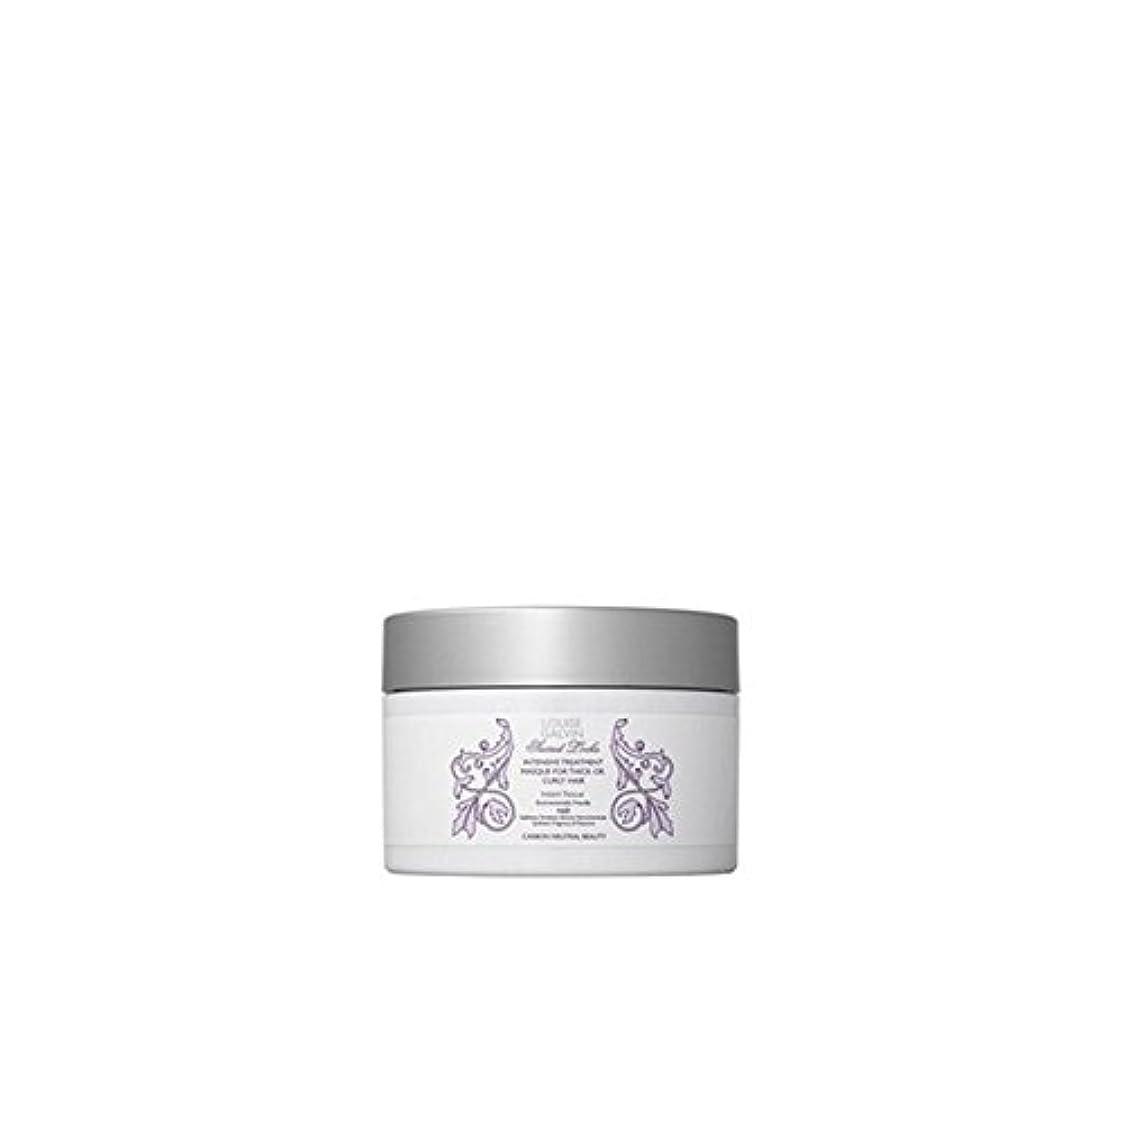 ビュッフェサイドボードフェデレーションLouise Galvin Treatment Masque For Thick Or Curly Hair 735ml - 太いまたは巻き毛735ミリリットルのためのルイーズ?ギャルビン仮面劇 [並行輸入品]